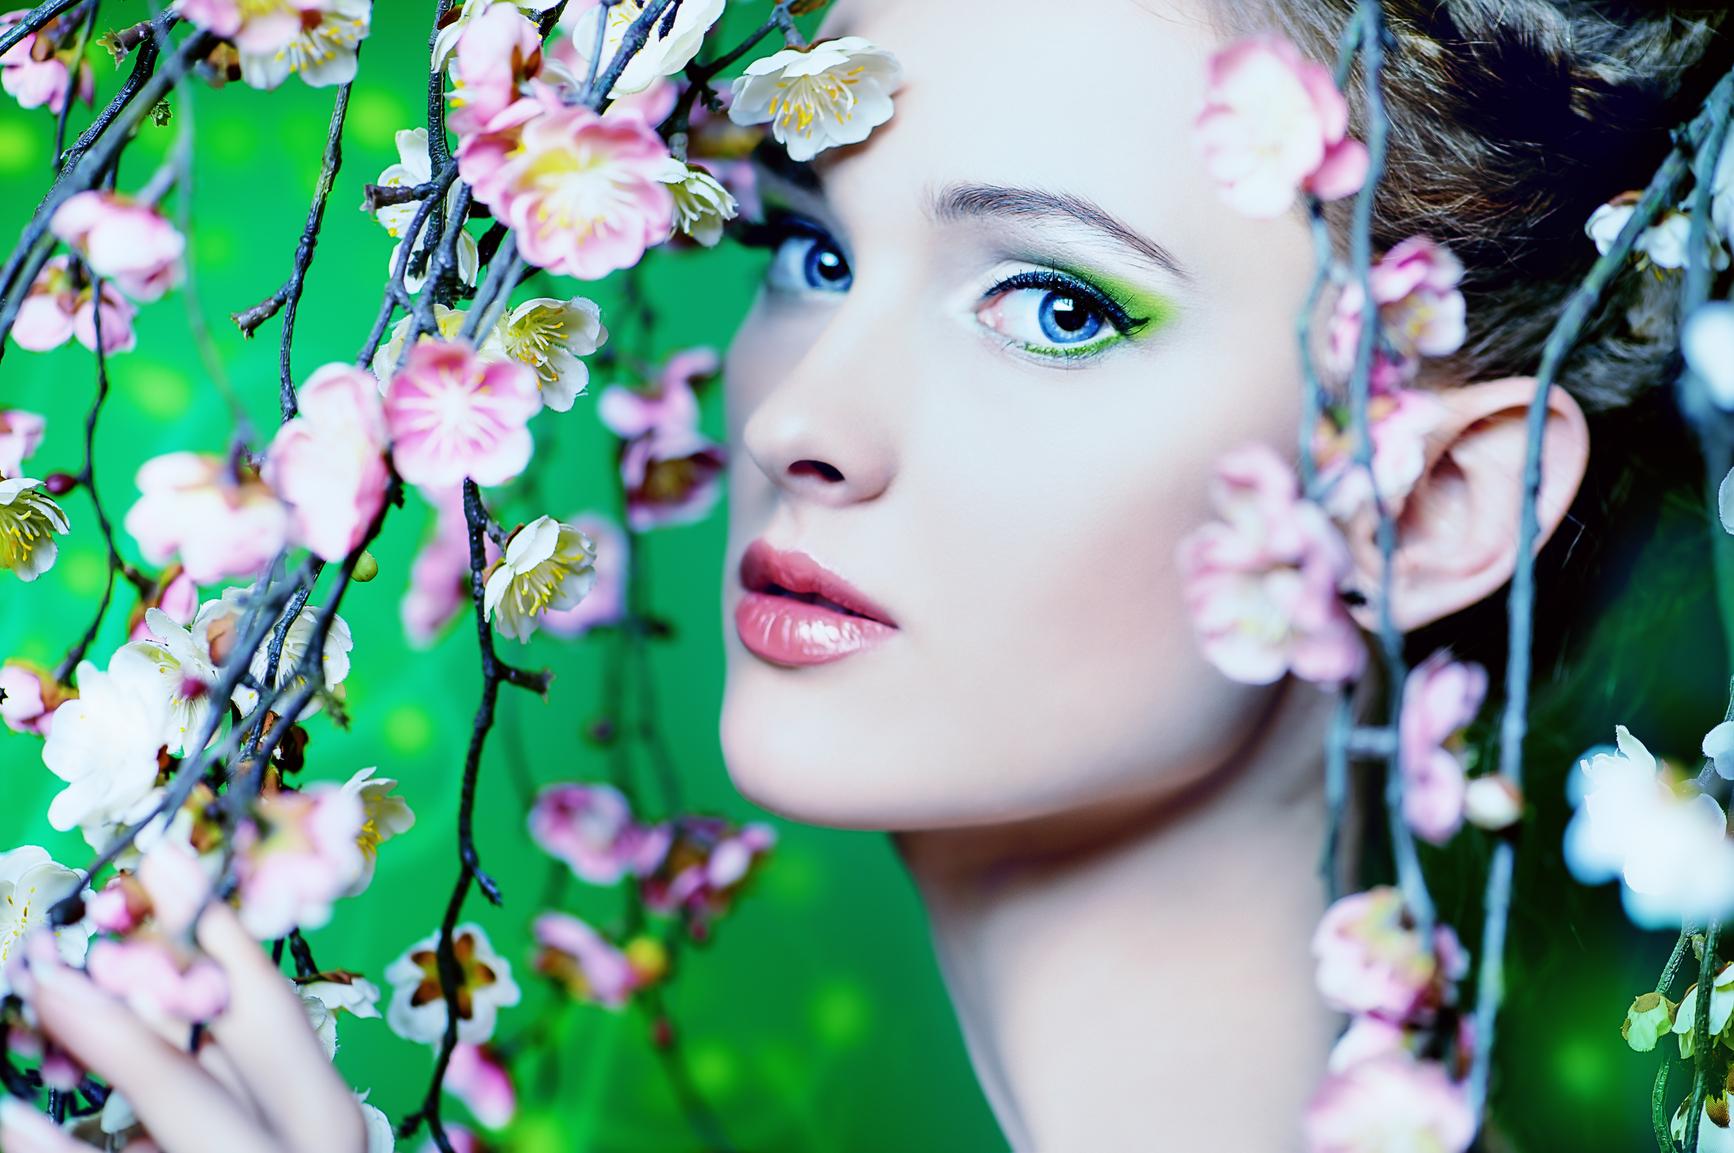 С приходом весны тебе стоит основательно пересмотреть содержимое своей косметички